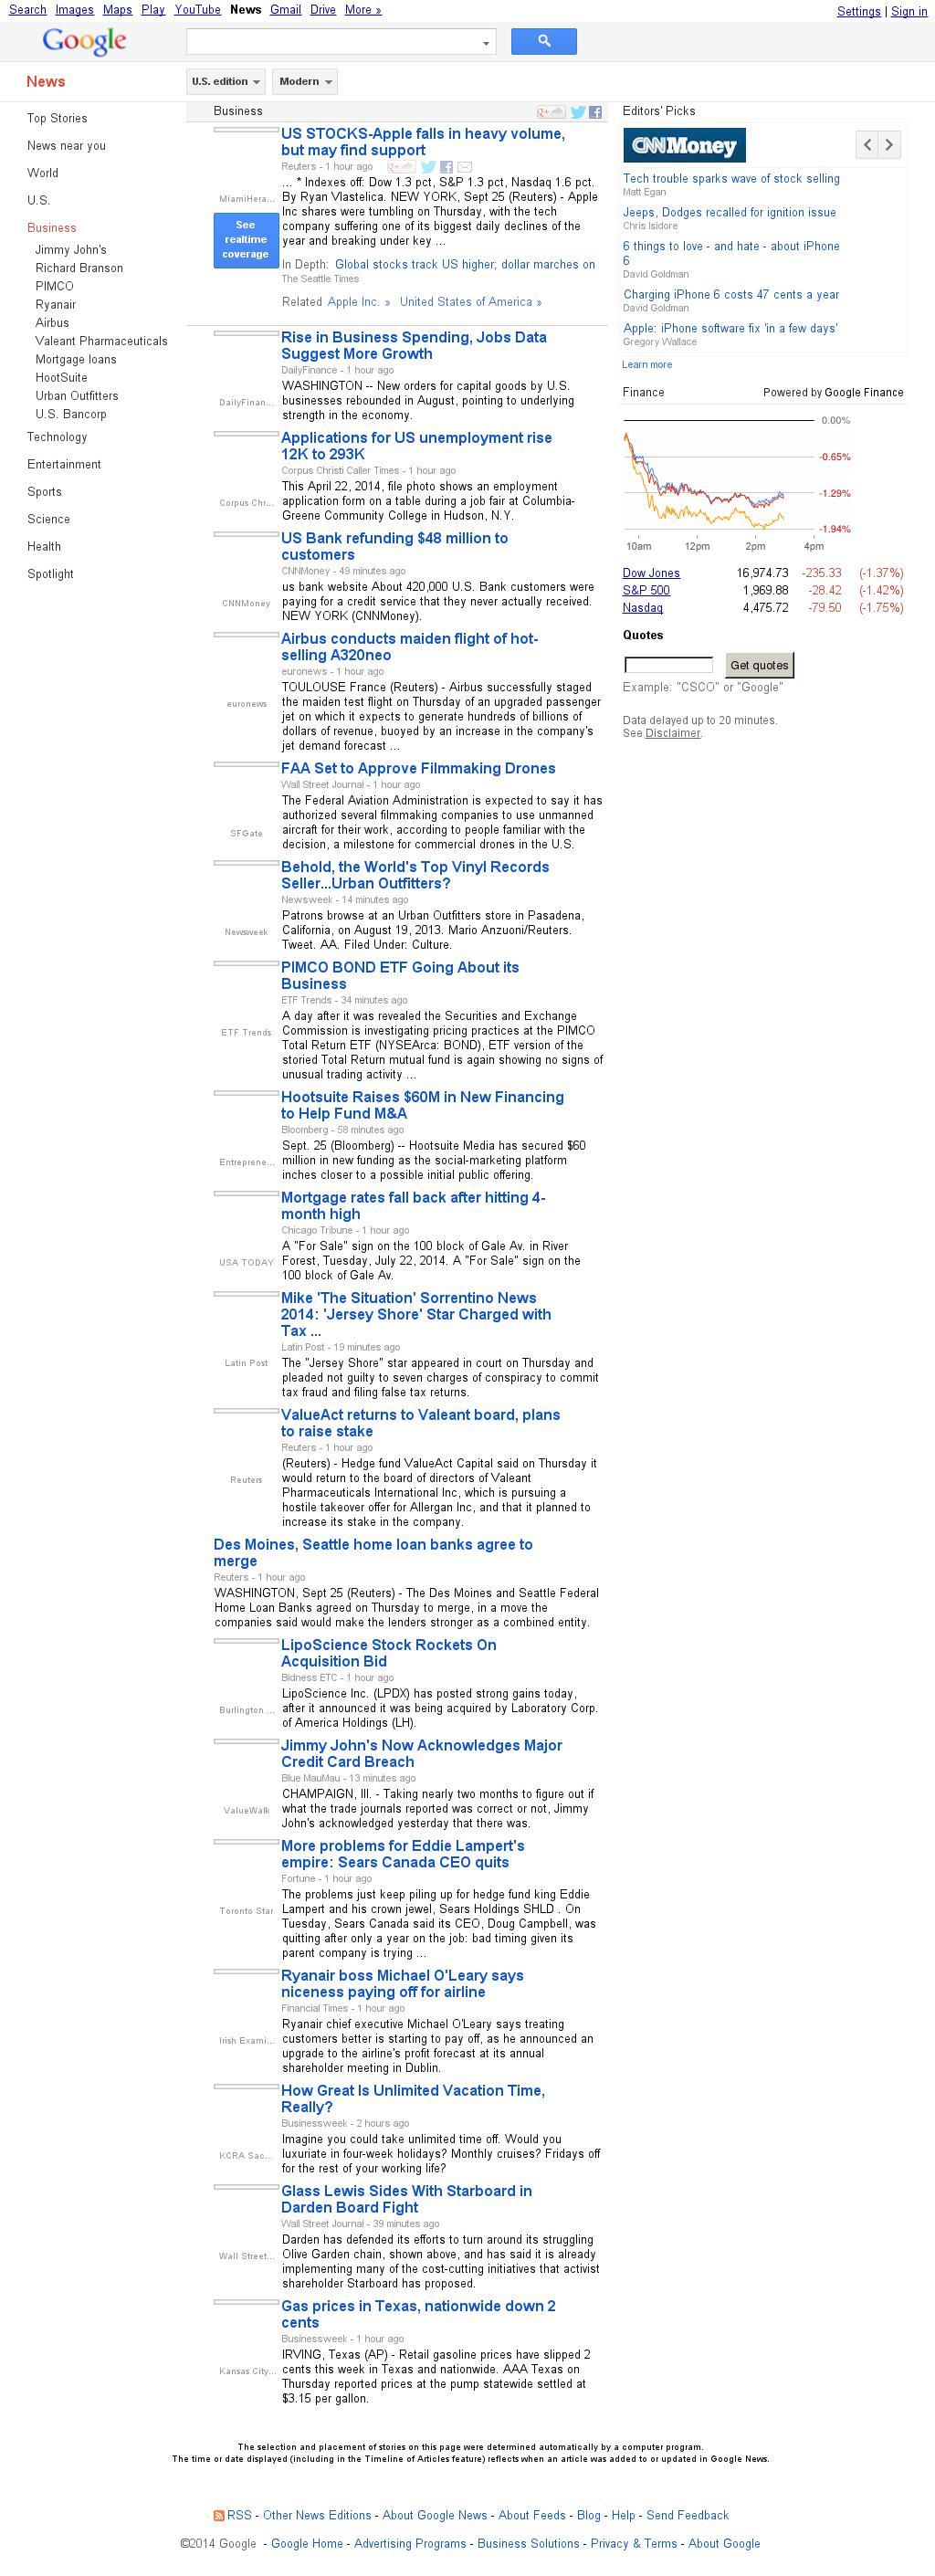 Google News: Business at Thursday Sept. 25, 2014, 7:08 p.m. UTC